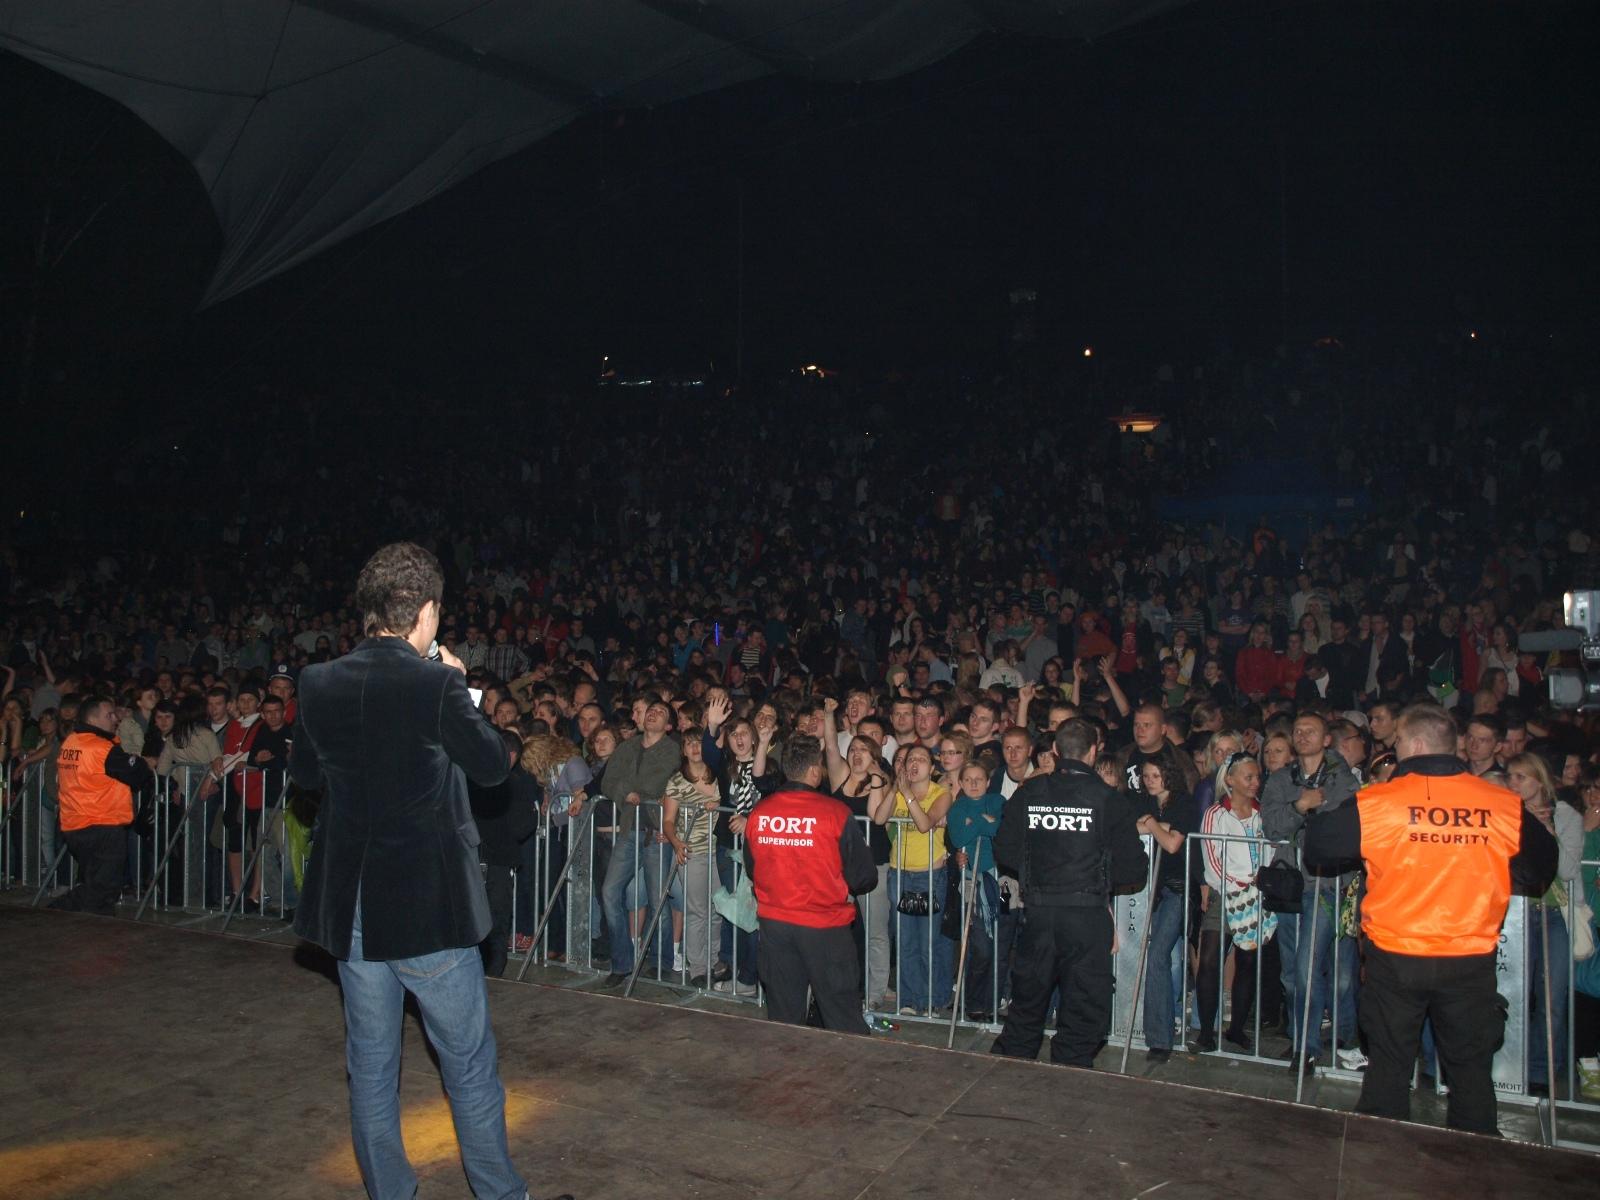 Andrzej_Ulhurski39.JPG